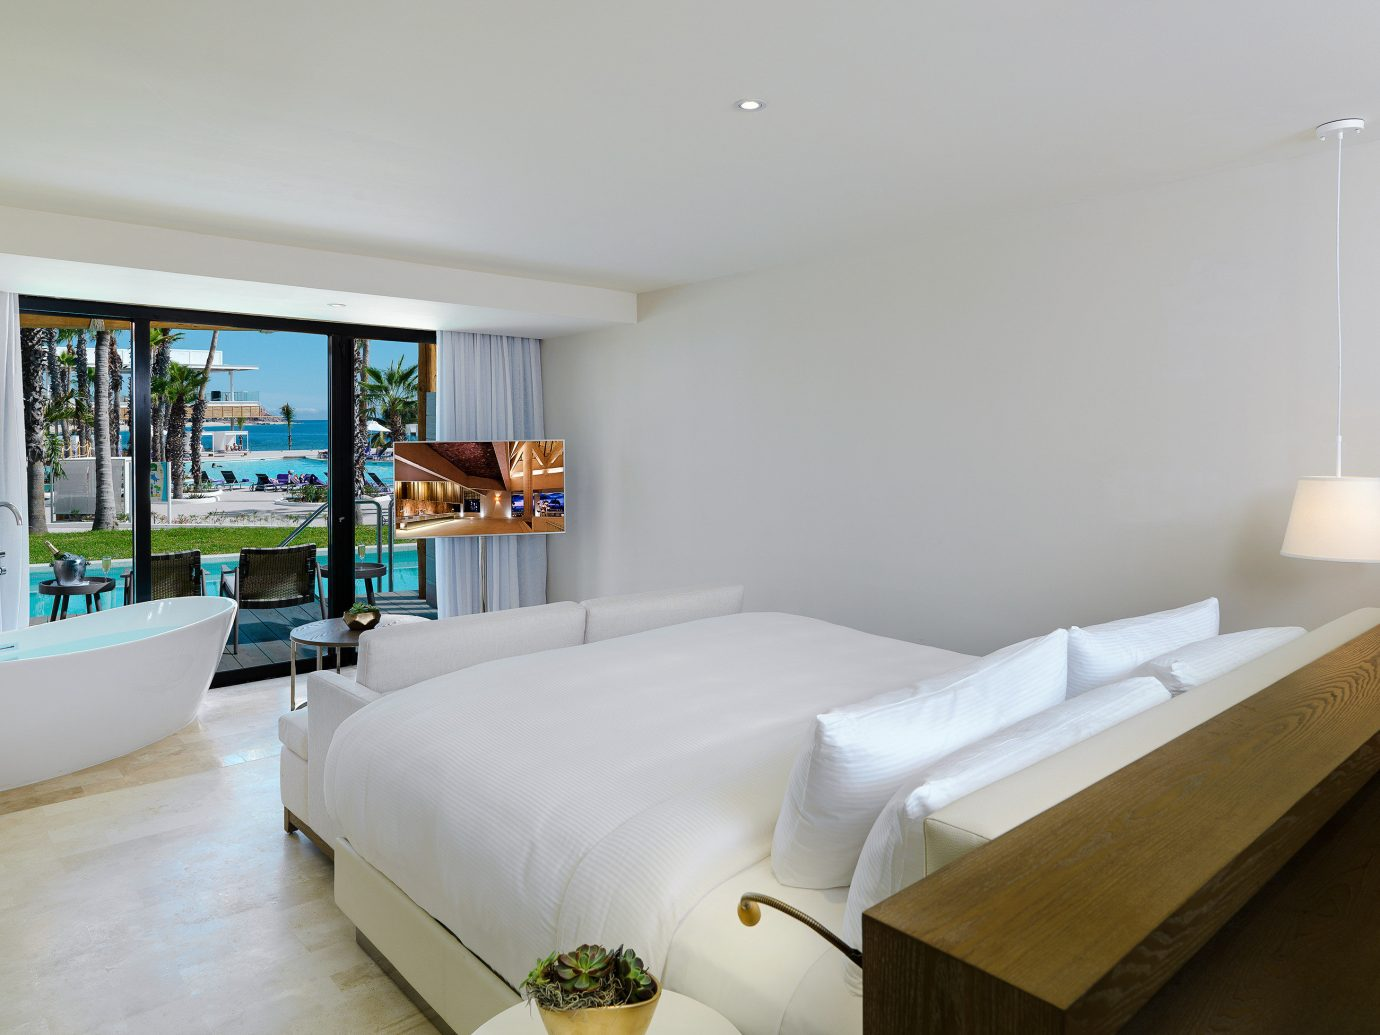 Bedroom at Paradisus Los Cabos